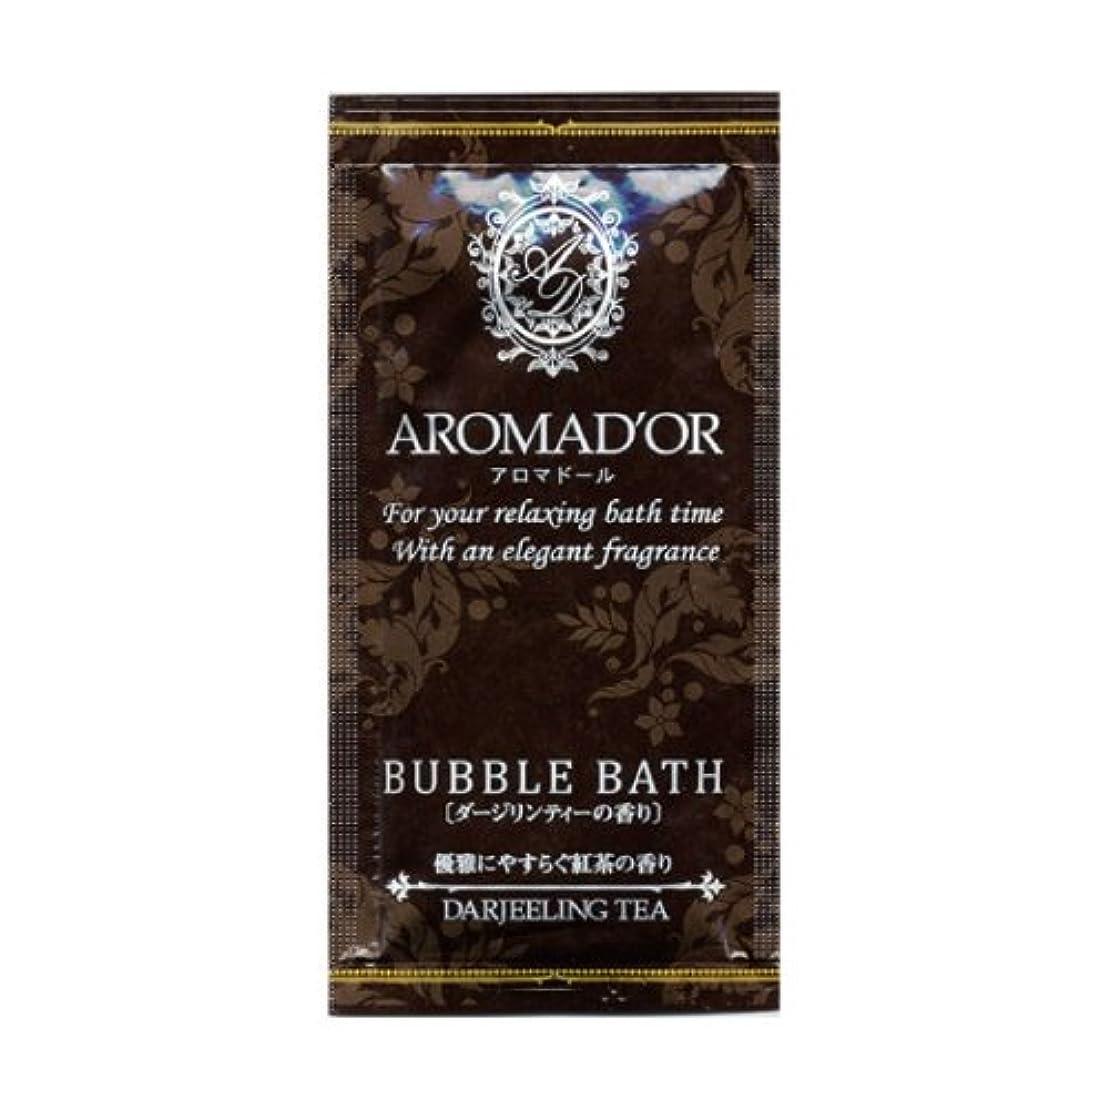 徹底的にプログラム症候群アロマドール バブルバス ダージリンティーの香り 12包